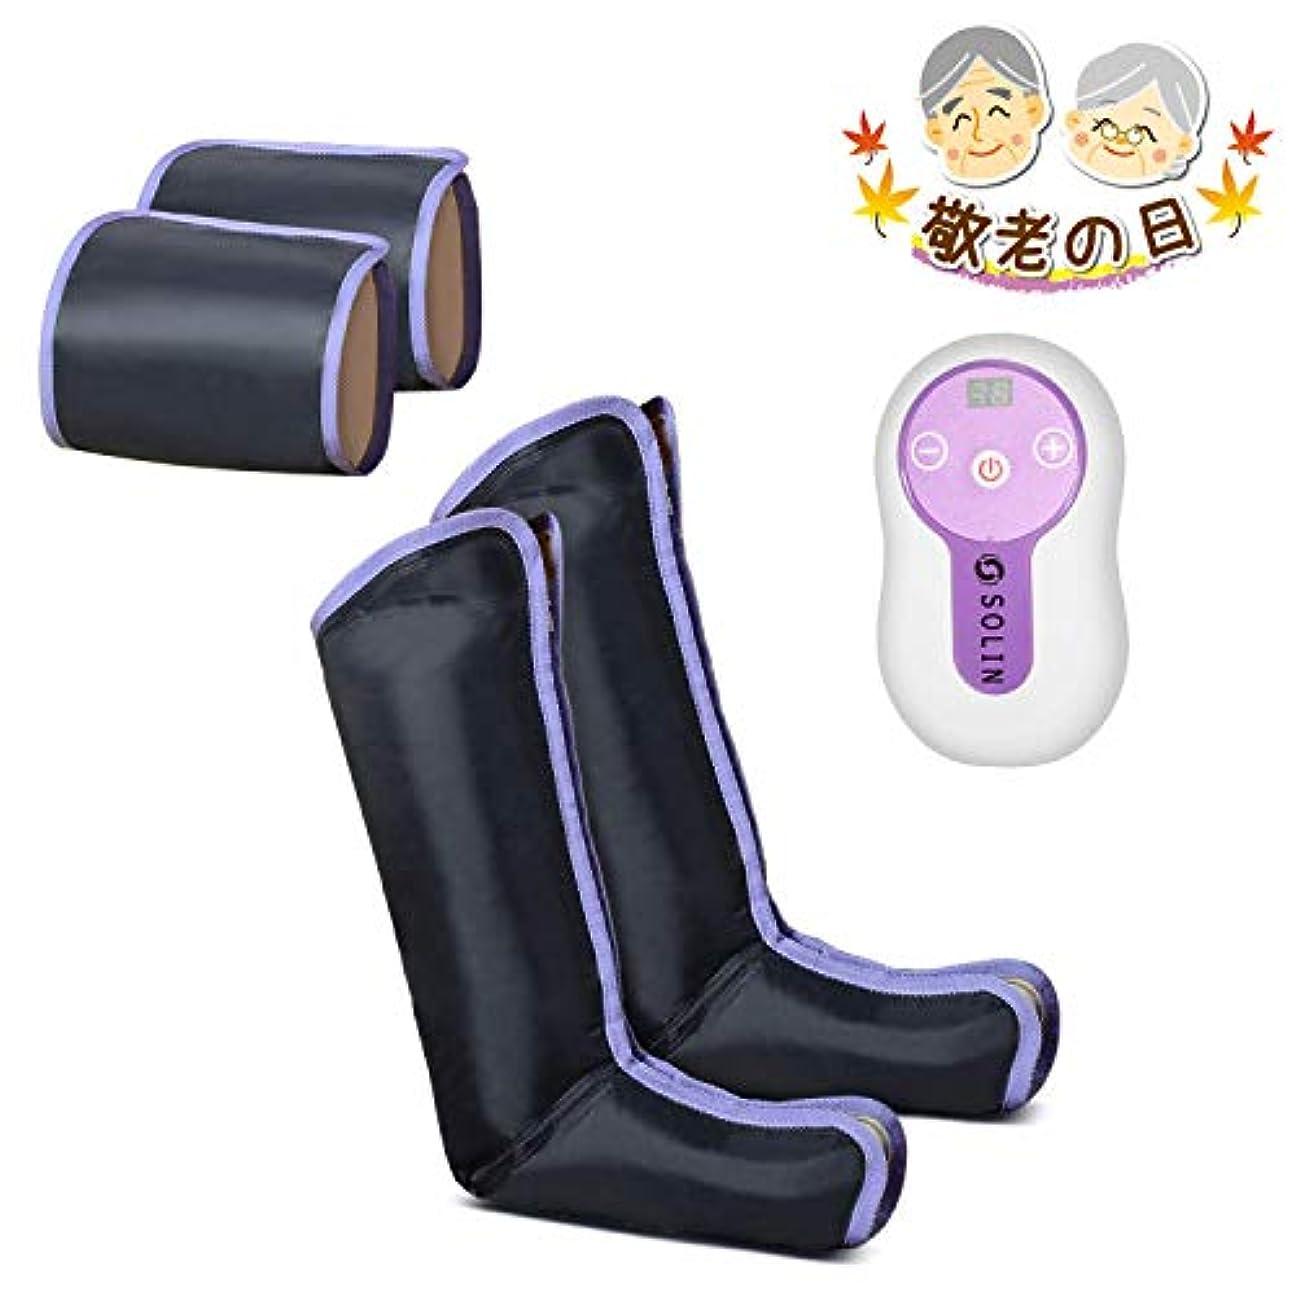 座る噴出するに対応フットマッサージャー 母の日 エアーマッサージャー ひざ/太もも巻き対応 家庭用 空気圧縮 フットケア